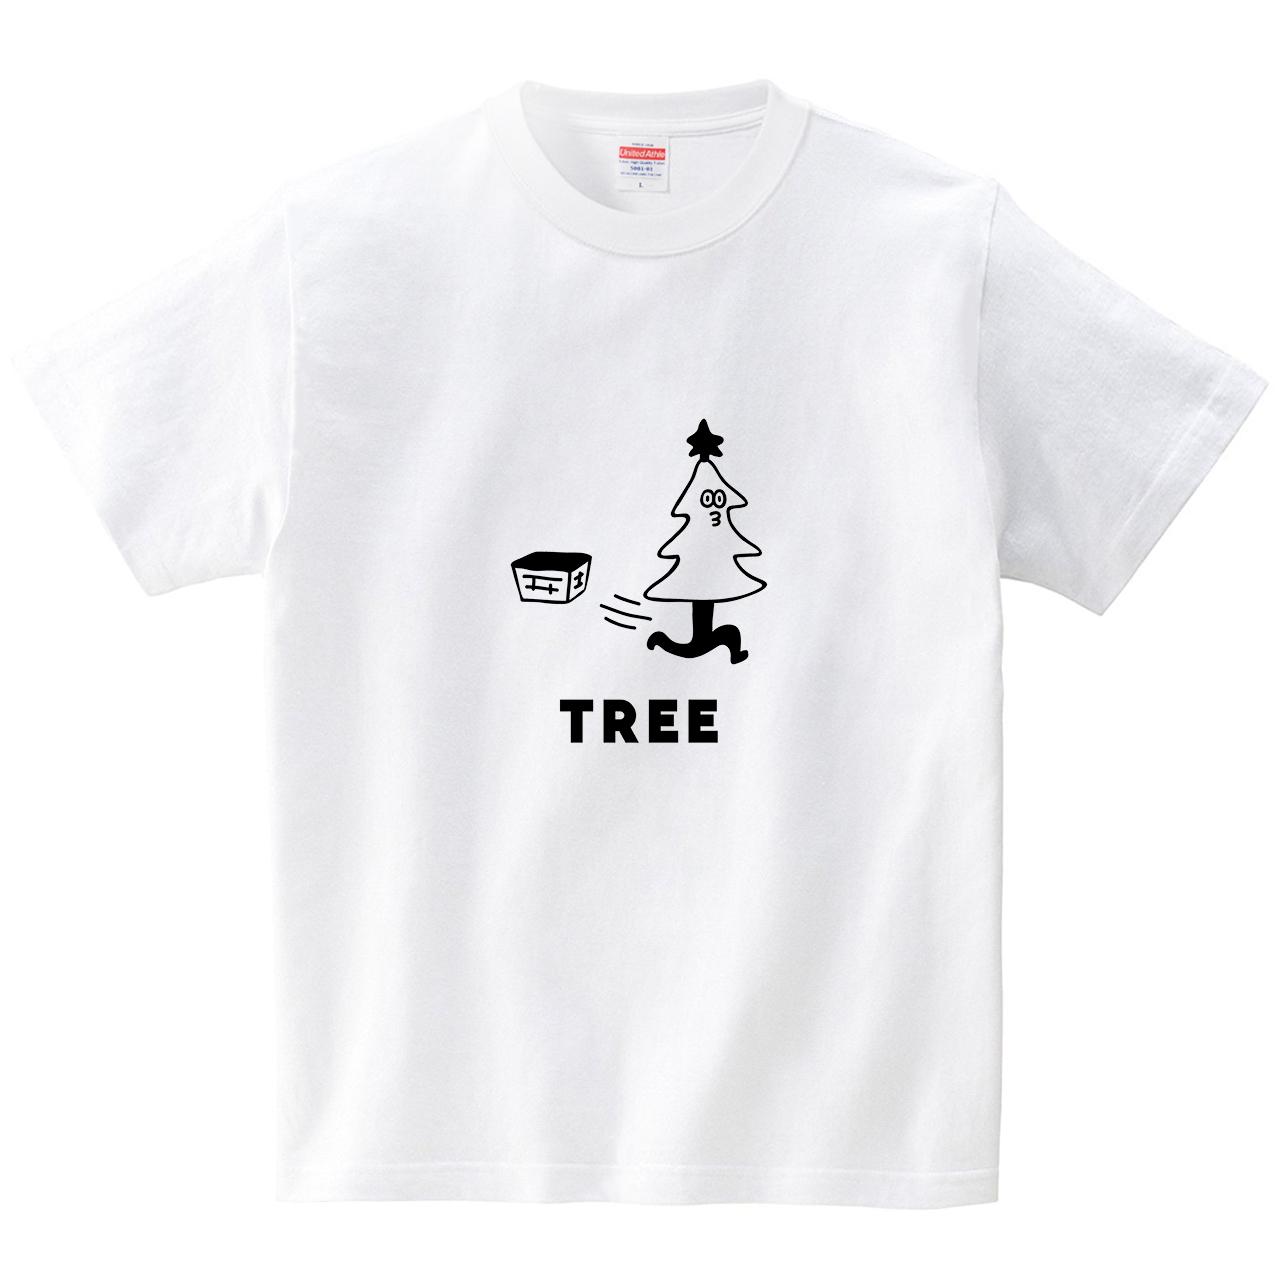 クリスマスツリーが走り出す(Tシャツ・ホワイト)(オワリ)